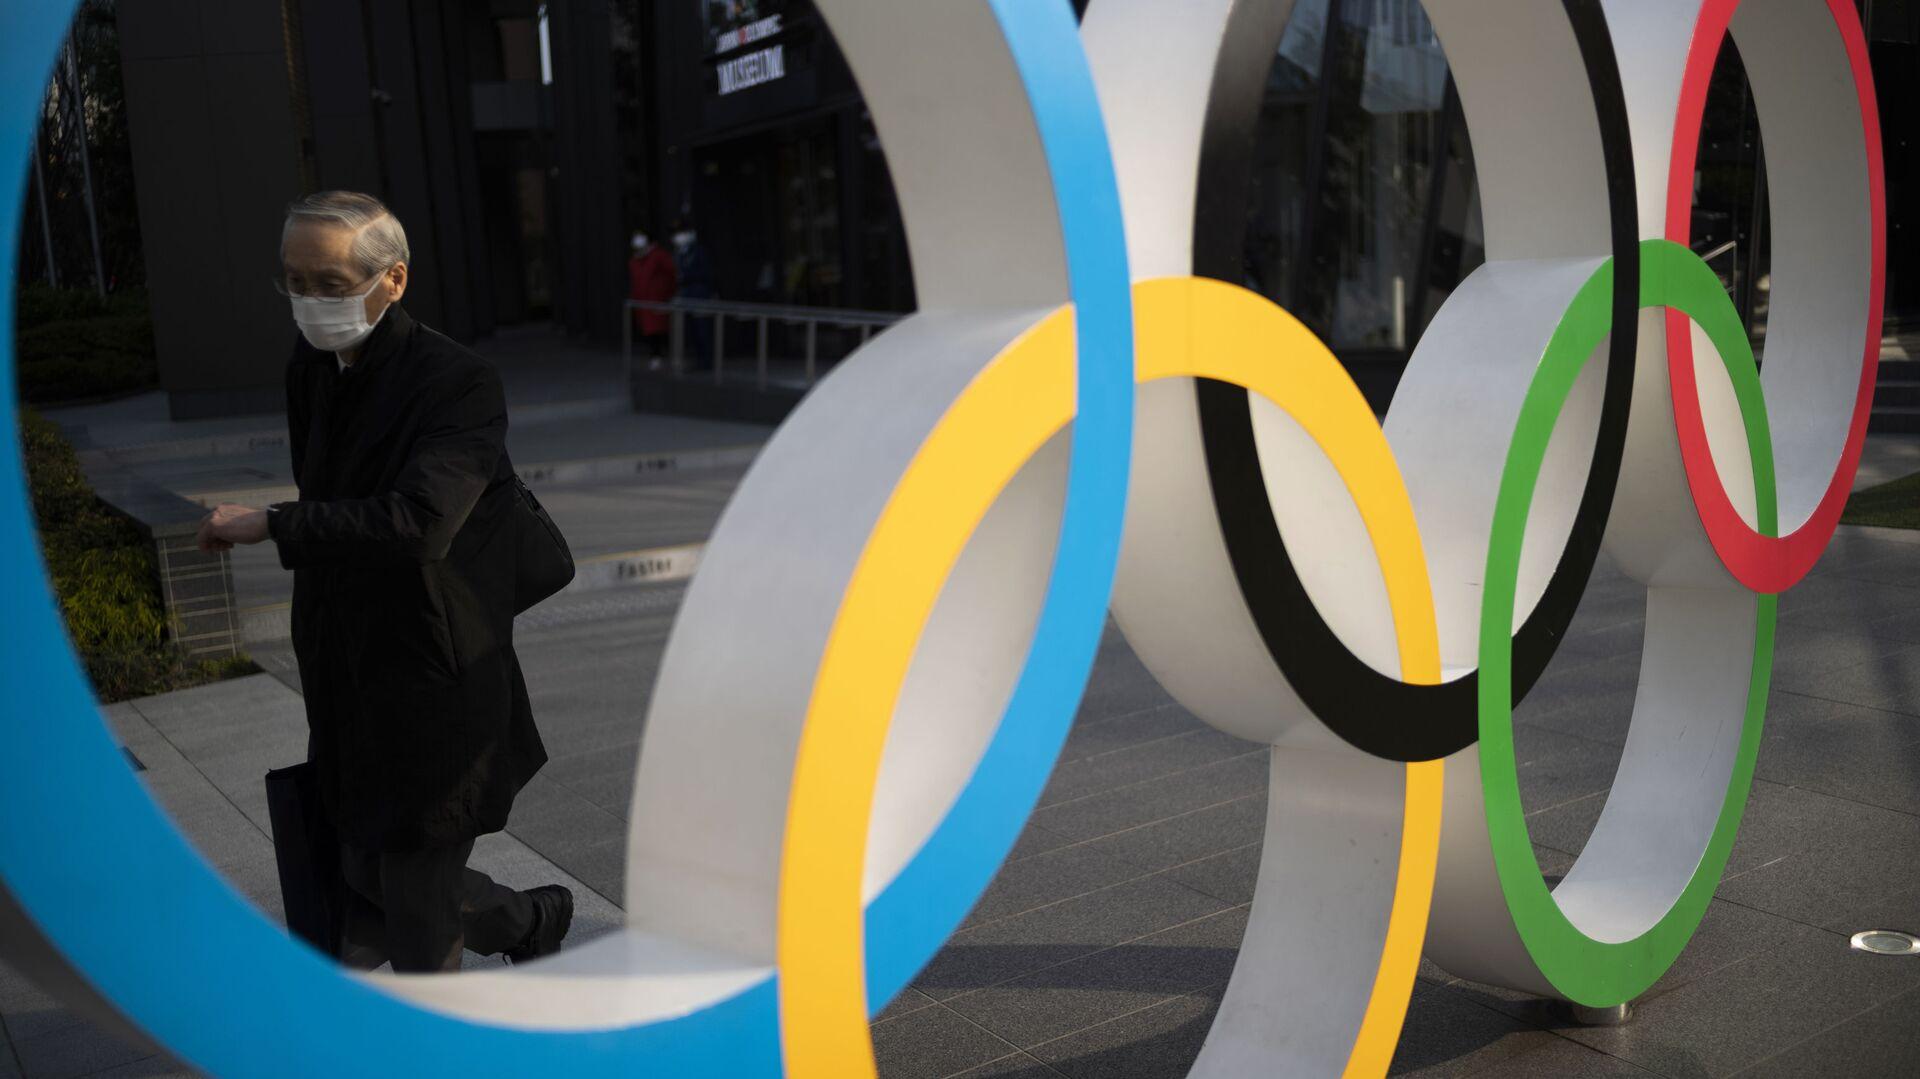 Мужчина идет мимо олимпийских колец, установленных в Японском олимпийском музее в Токио - Sputnik Беларусь, 1920, 27.05.2021